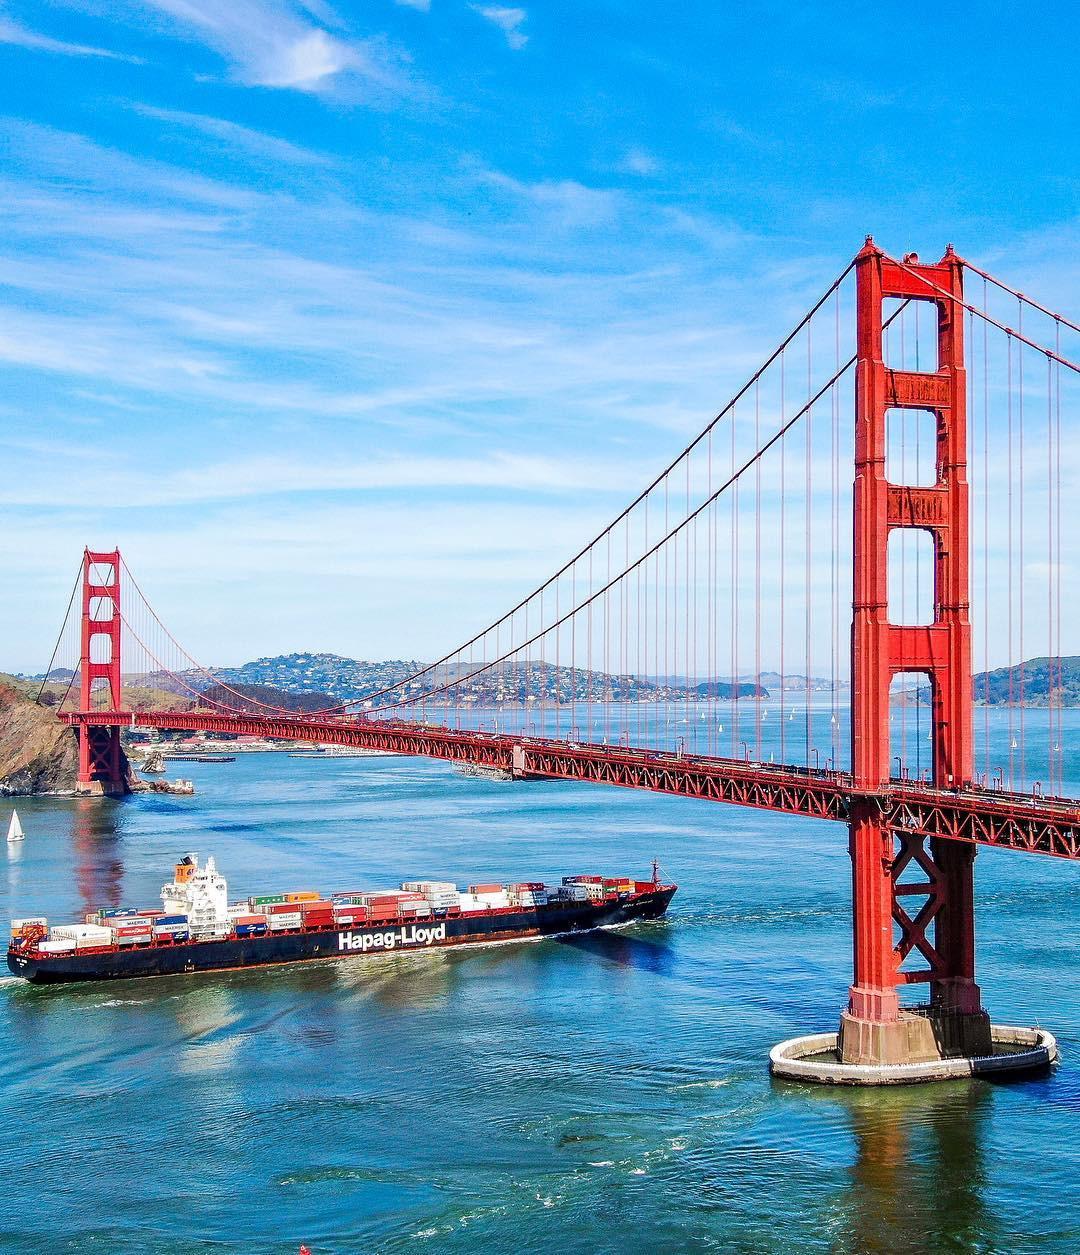 Lên hình đẹp là thế nhưng ít ai biết cây cầu này lại được mệnh danh là bãi tự sát của nước Mỹ - Ảnh 17.